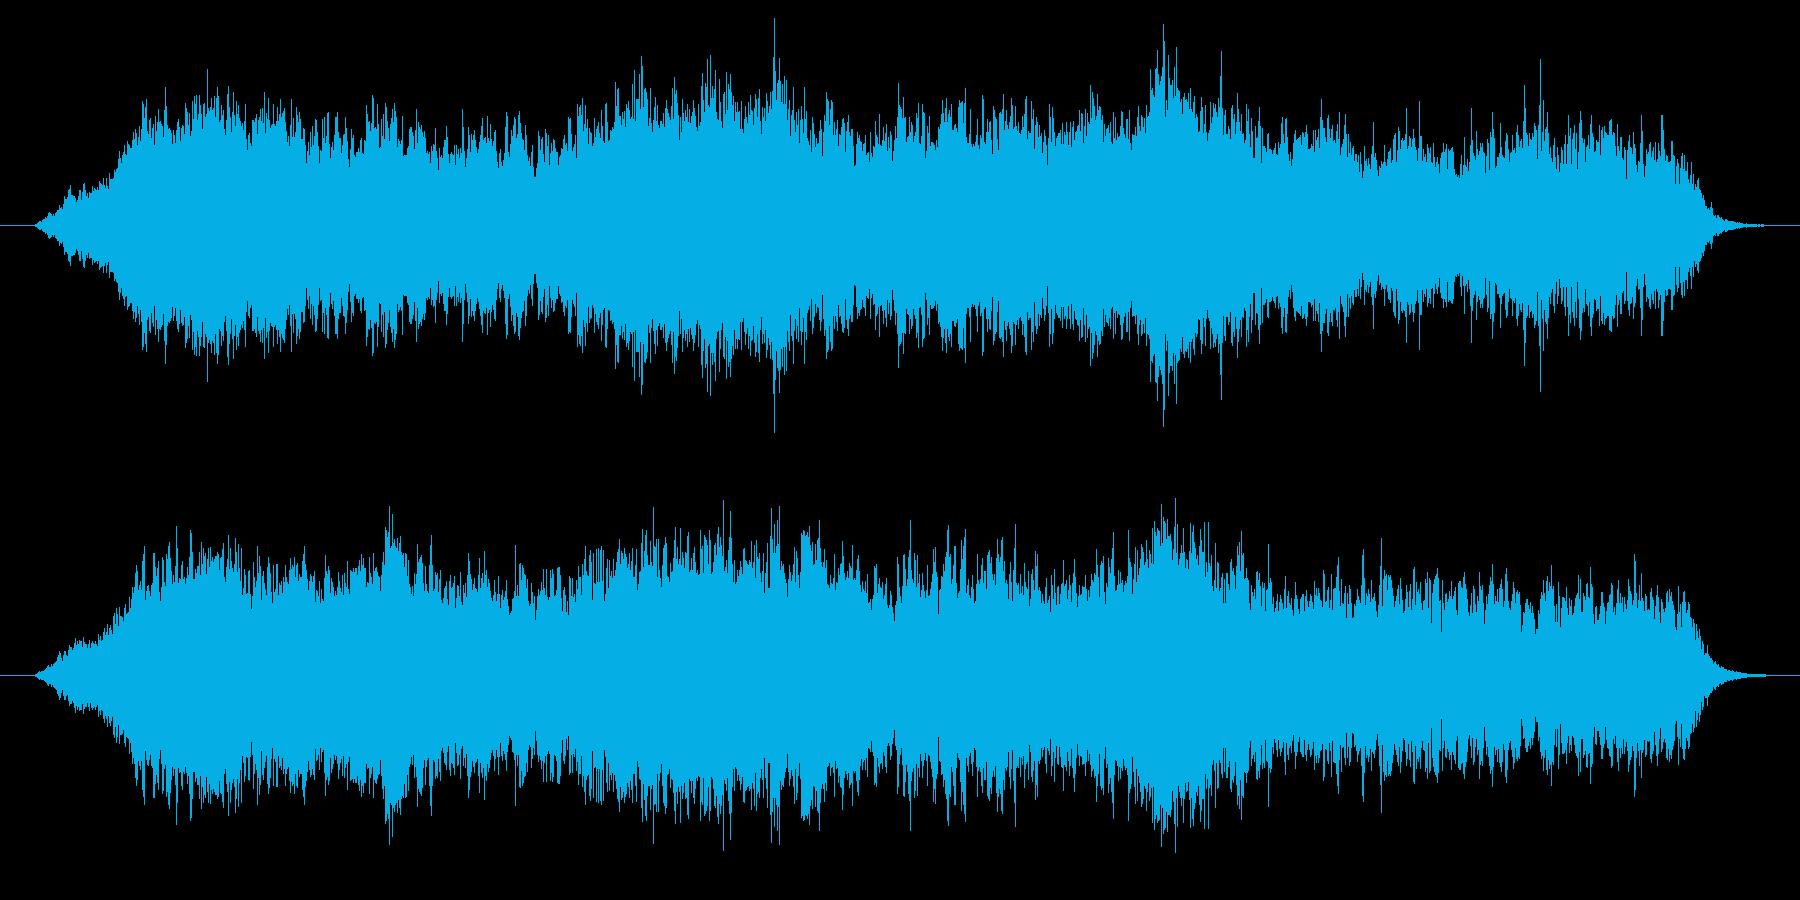 空間と癒しのエレクトロニカの再生済みの波形